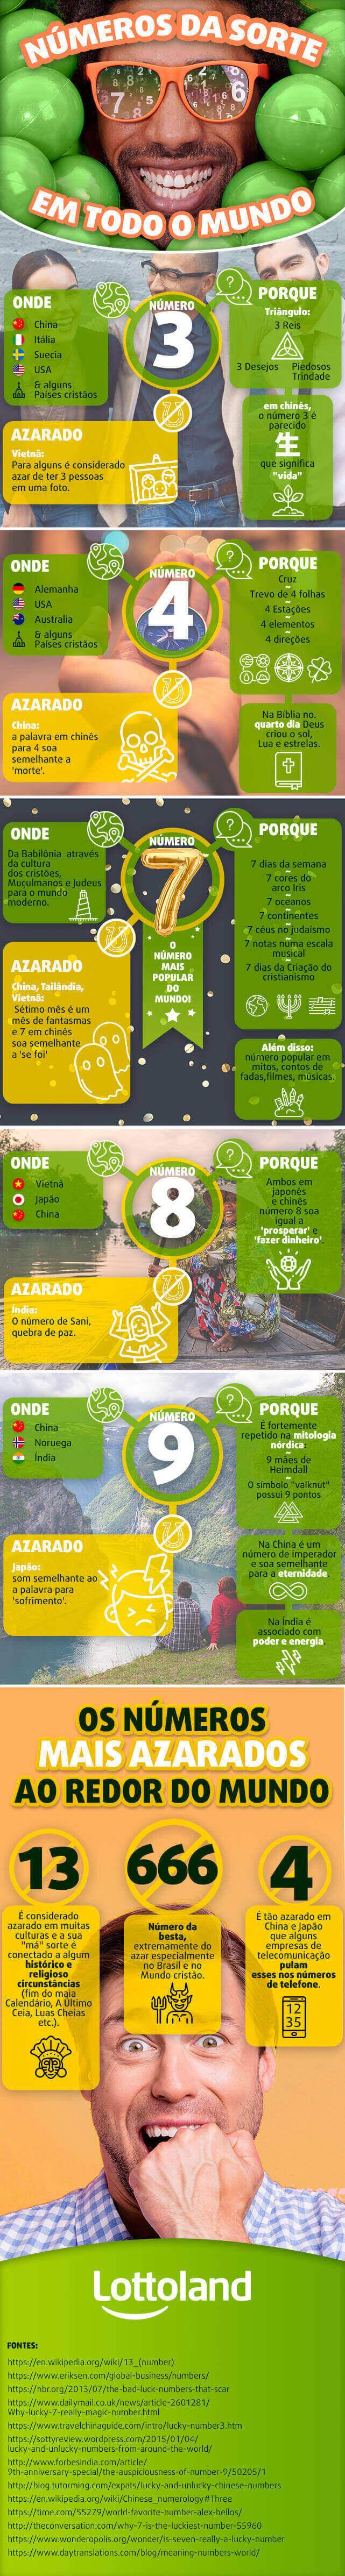 Quais são os números da sorte e do azar pelo mundo? Infográfico